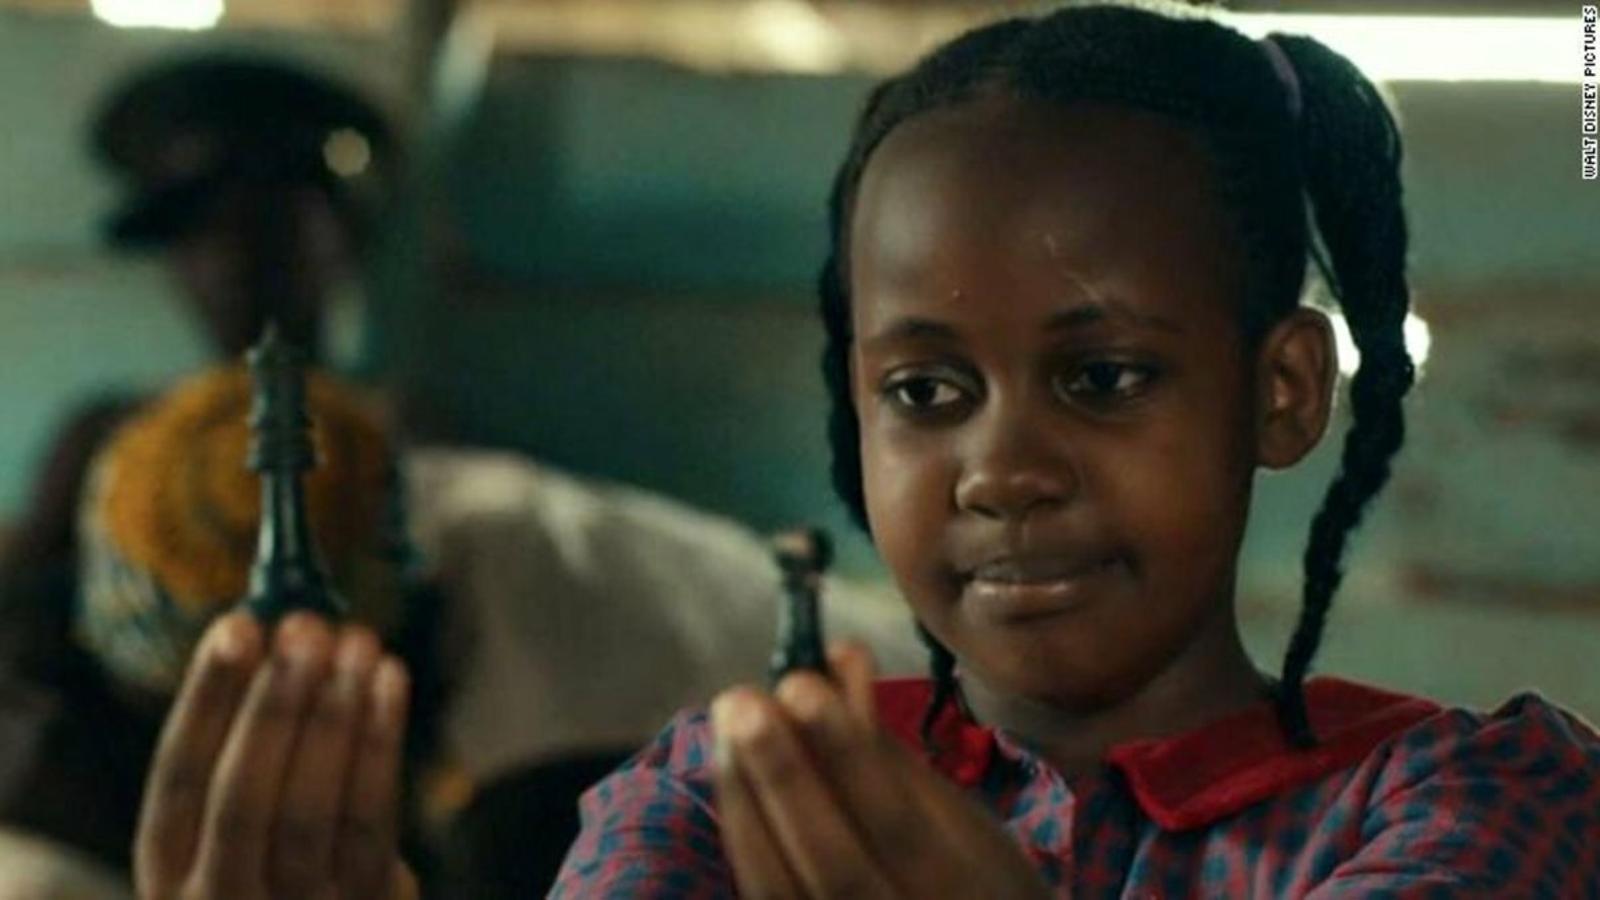 Mor als 15 anys Nikkta Walingwa, actriu de Disney coneguda pel film 'Queen of Katwe'